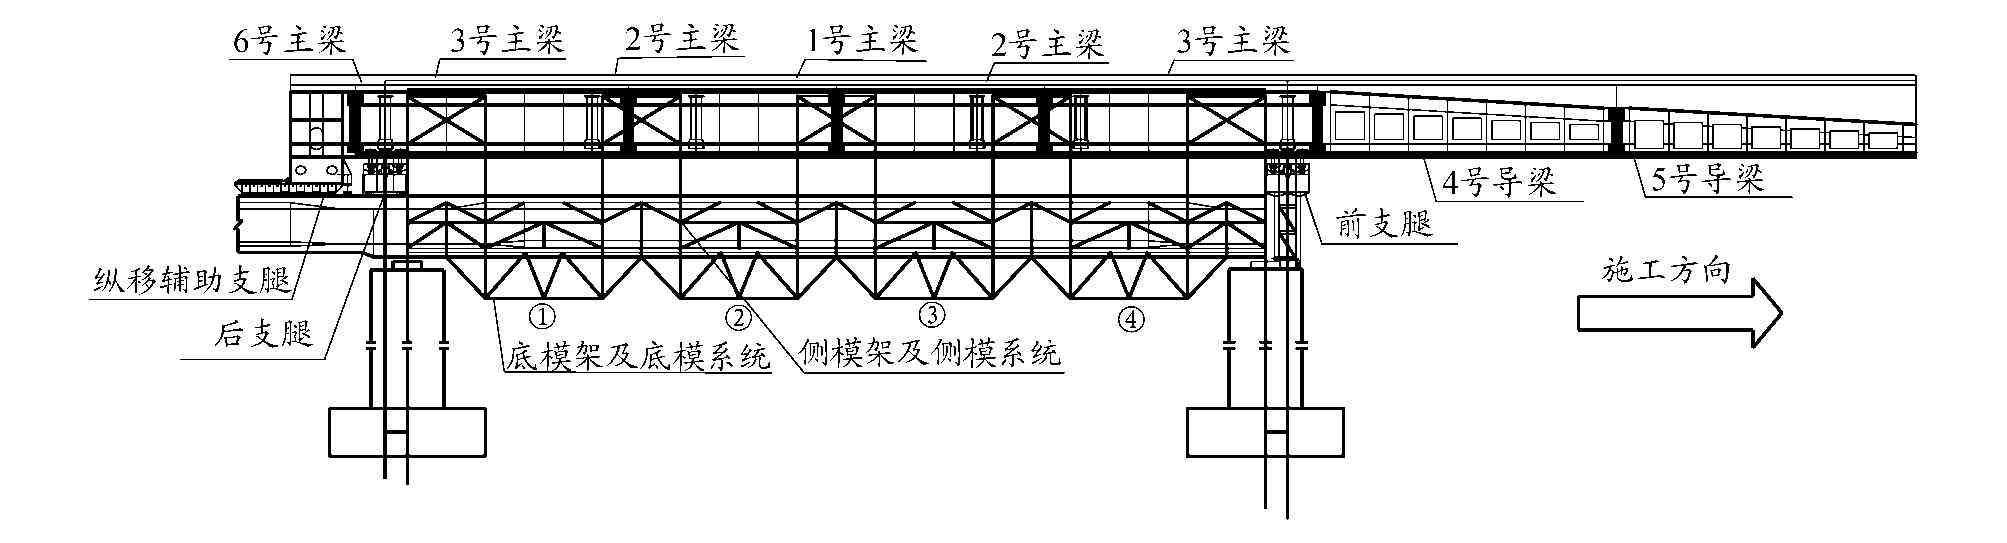 上行式移动模架施工工艺图片